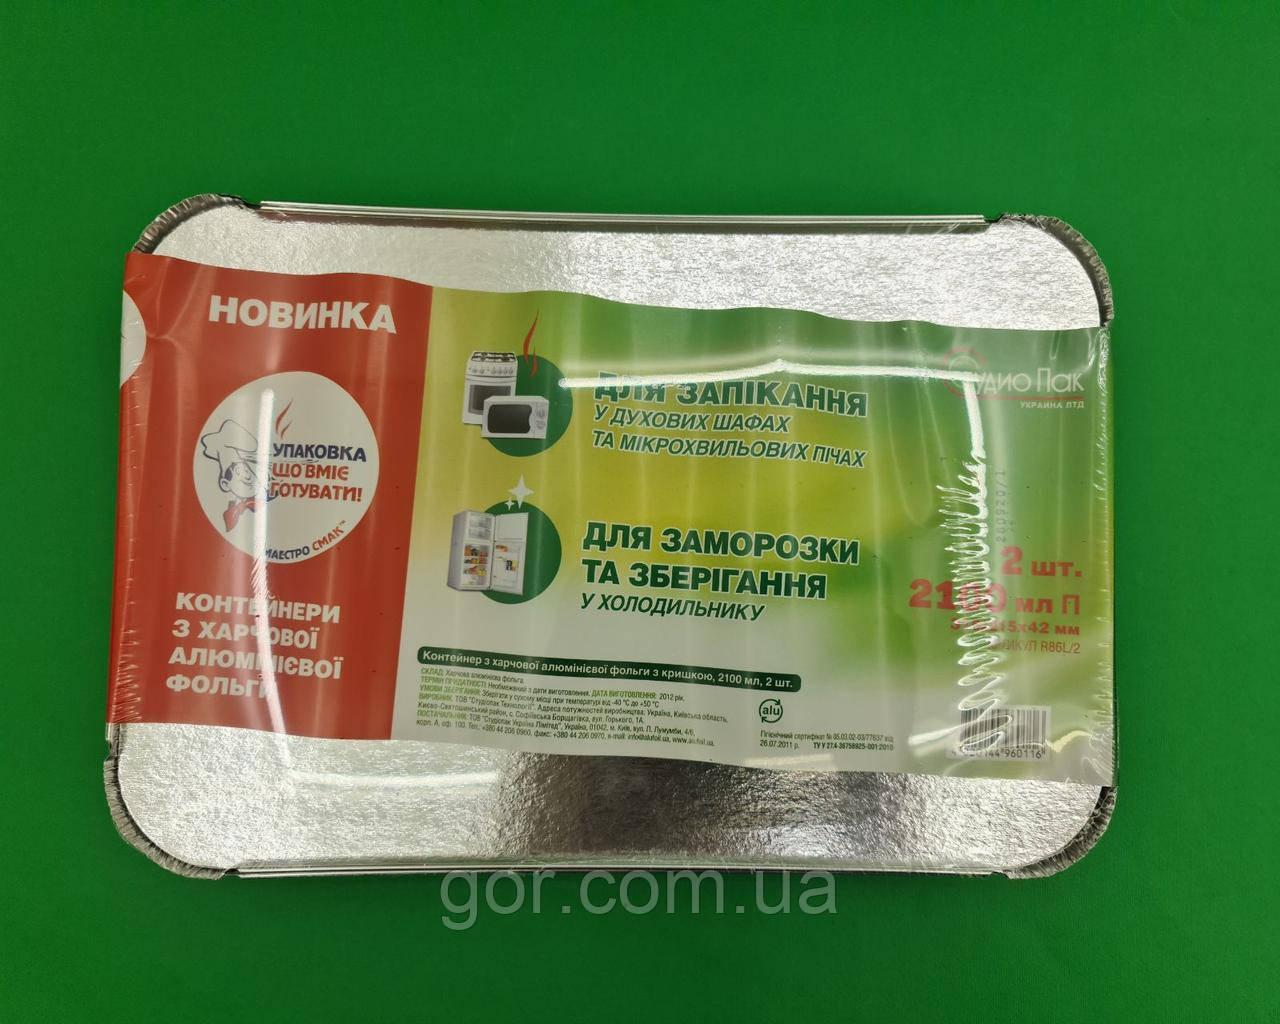 Алюмінієвий Контейнер для випічки 2шт (2100 мл) (R86L/2) (1 пач.)